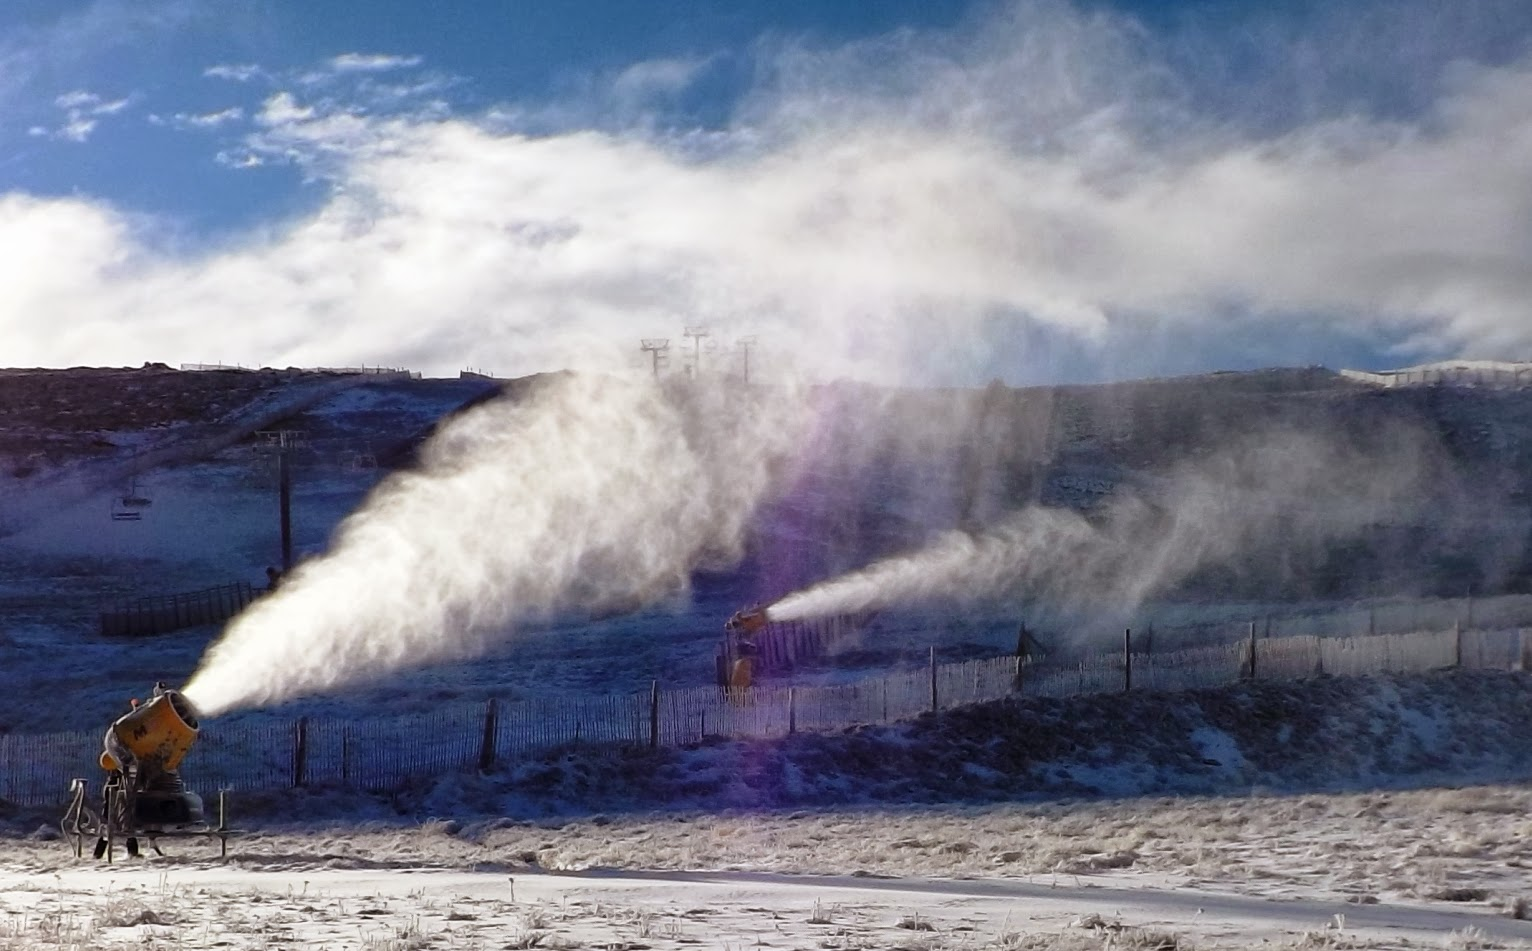 Estación de esqui produccion de nieve artificial